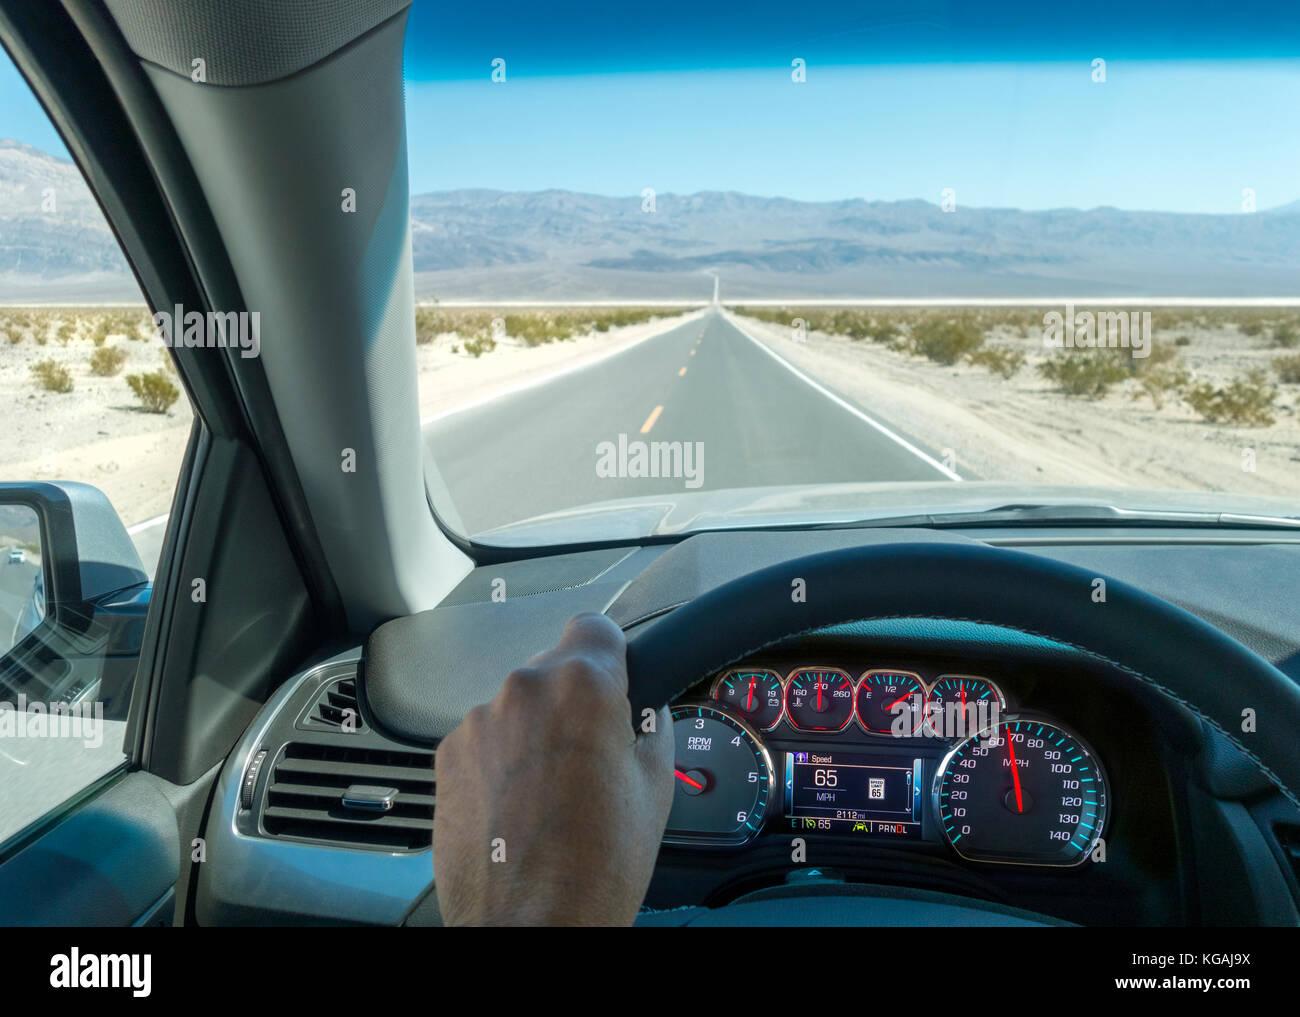 Death Valley Scenic Byway. Autofahrt Sicht mit Dashboard und Tempomat bei 65 Mph. 65 mph Geschwindigkeitsbegrenzung Stockbild